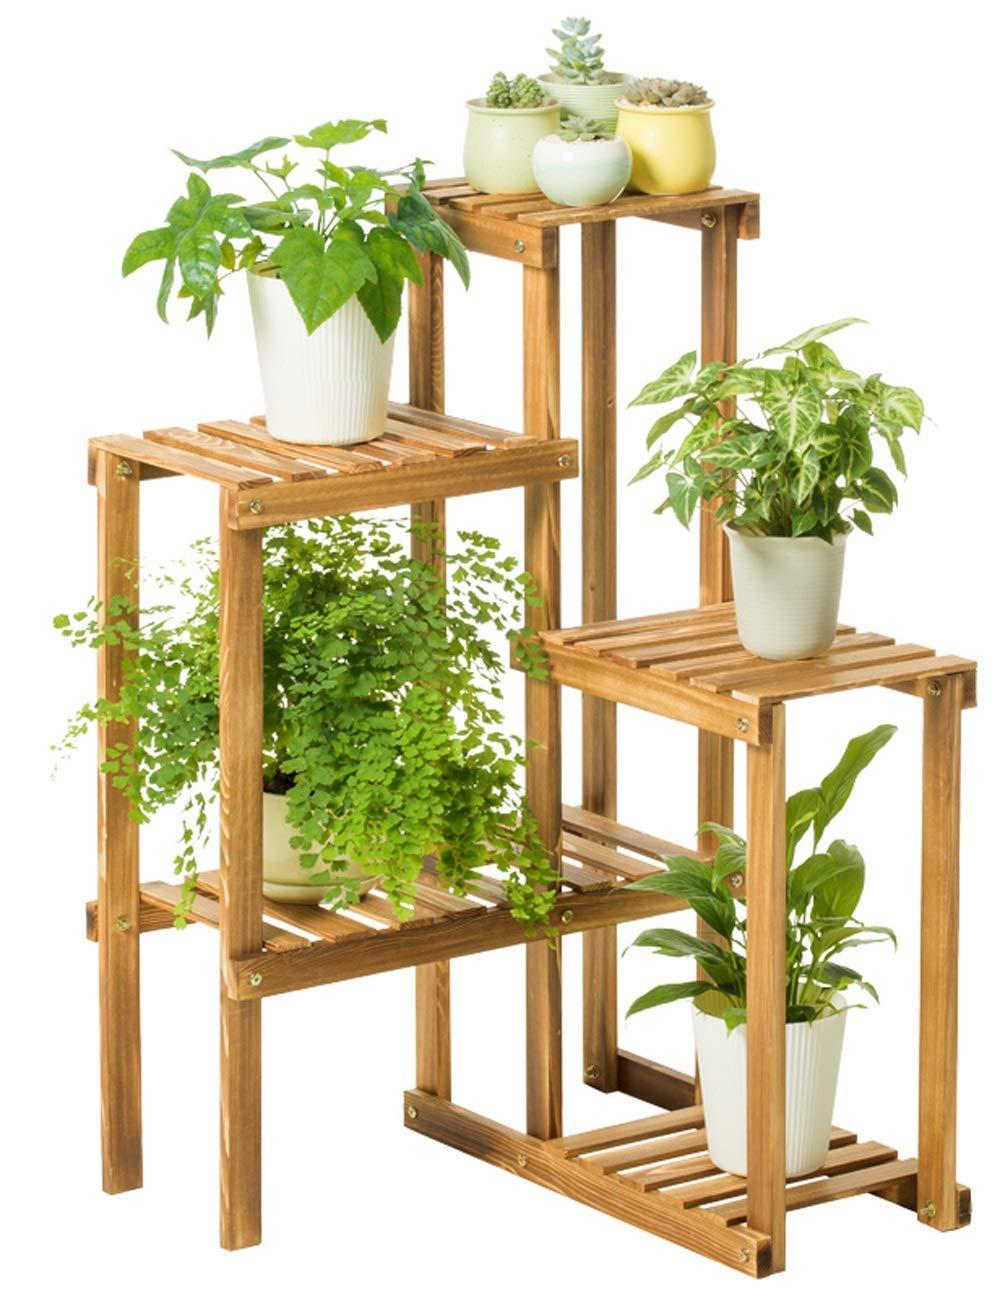 ガーデンフラワーポットラックホームフラワースタンド耐久性のある植物ラック 純木の花の立場のバルコニーのマルチレベルの床の緑の植木鉢の木枠の居間の屋内多肉植物、穿孔する必要性無し B07PCP3Q7H